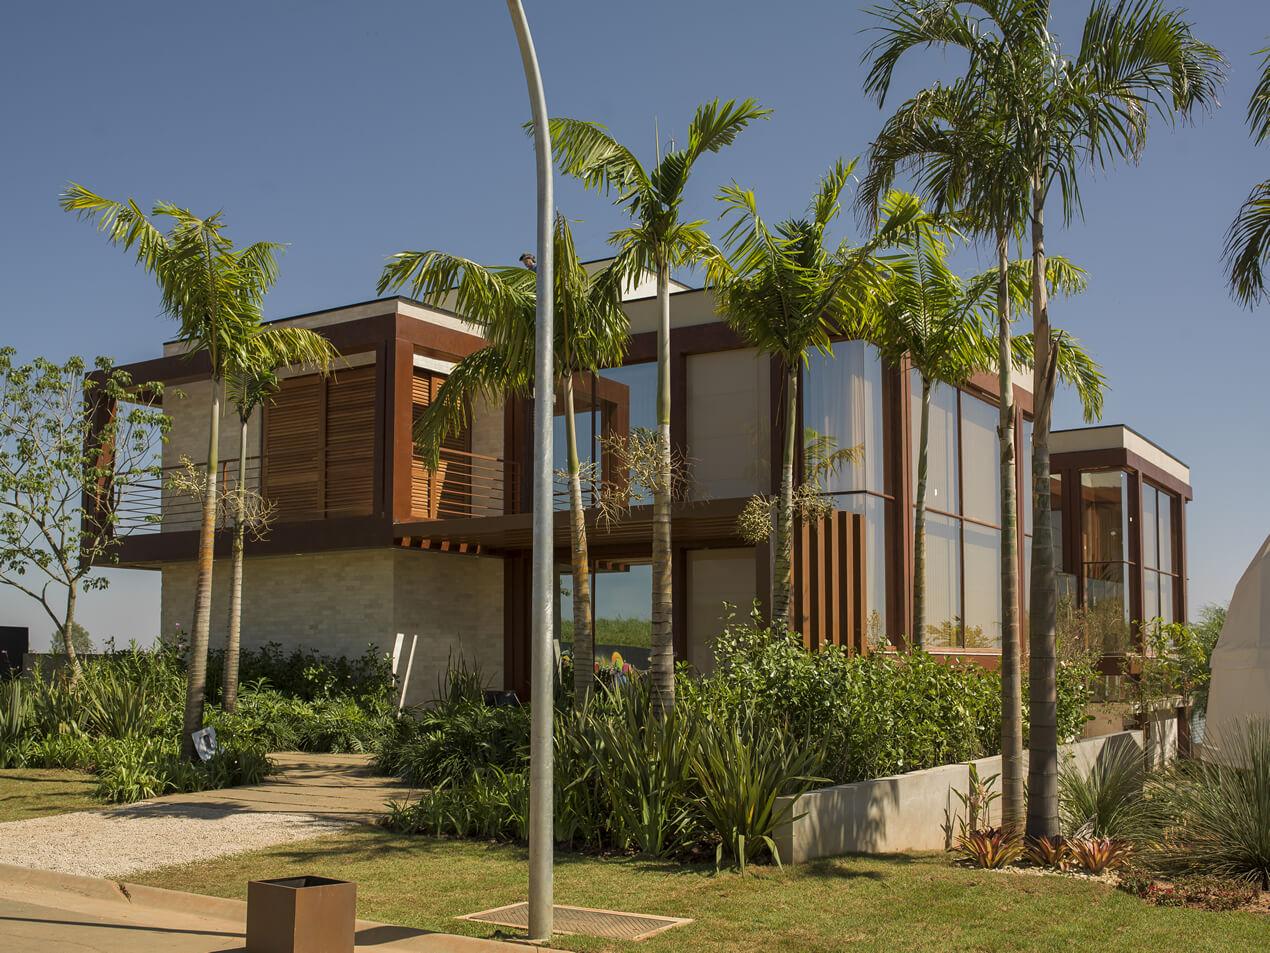 Vidro Refletivo Havitat Campanhe na Casa Bossa Nova, projetada pela arquitetaIzilda Moraes na Casa Cor Campinas 2016